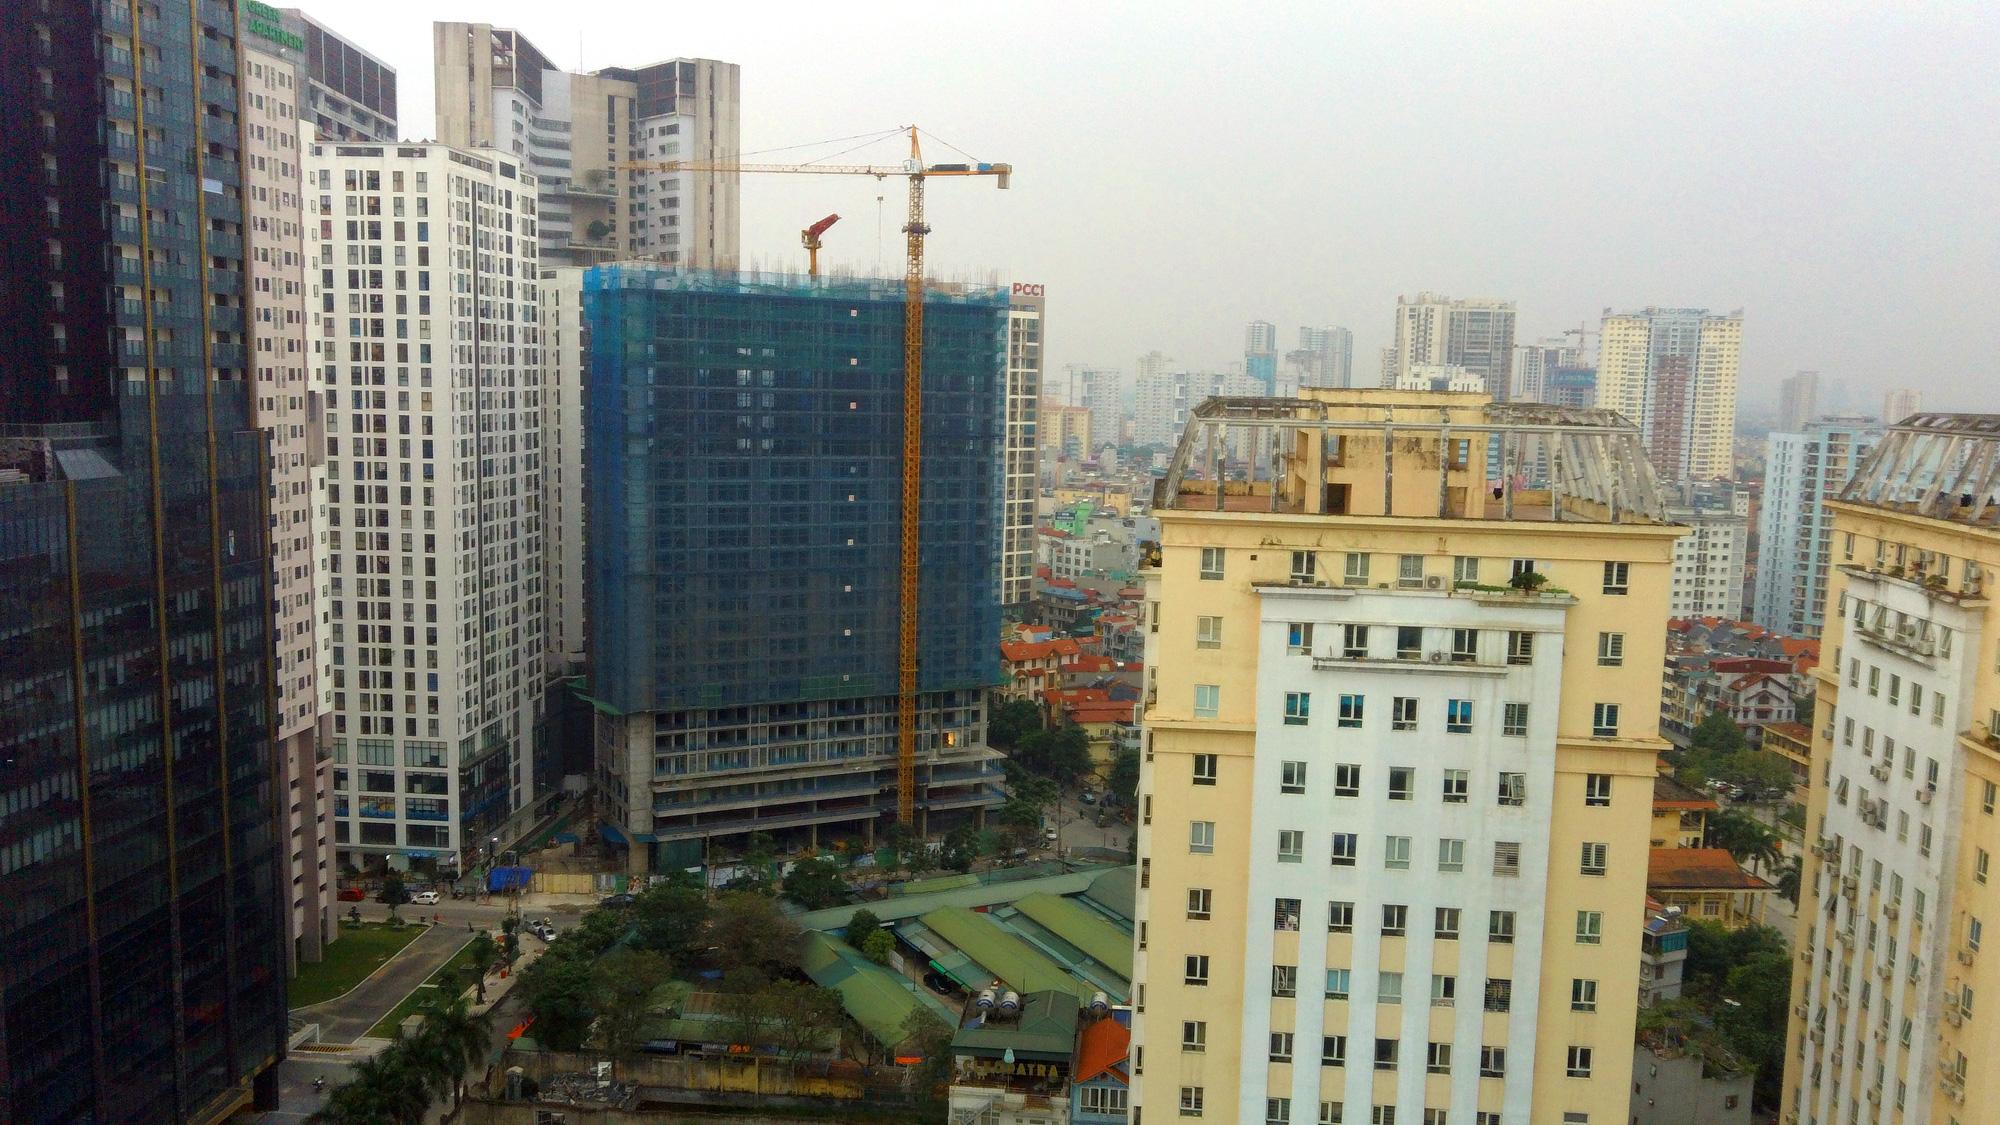 Dự án An Bình Plaza đang mở bán ở Hà Nội: 'Nhất cận thị', lô gia chạy dài qua các phòng - Ảnh 3.